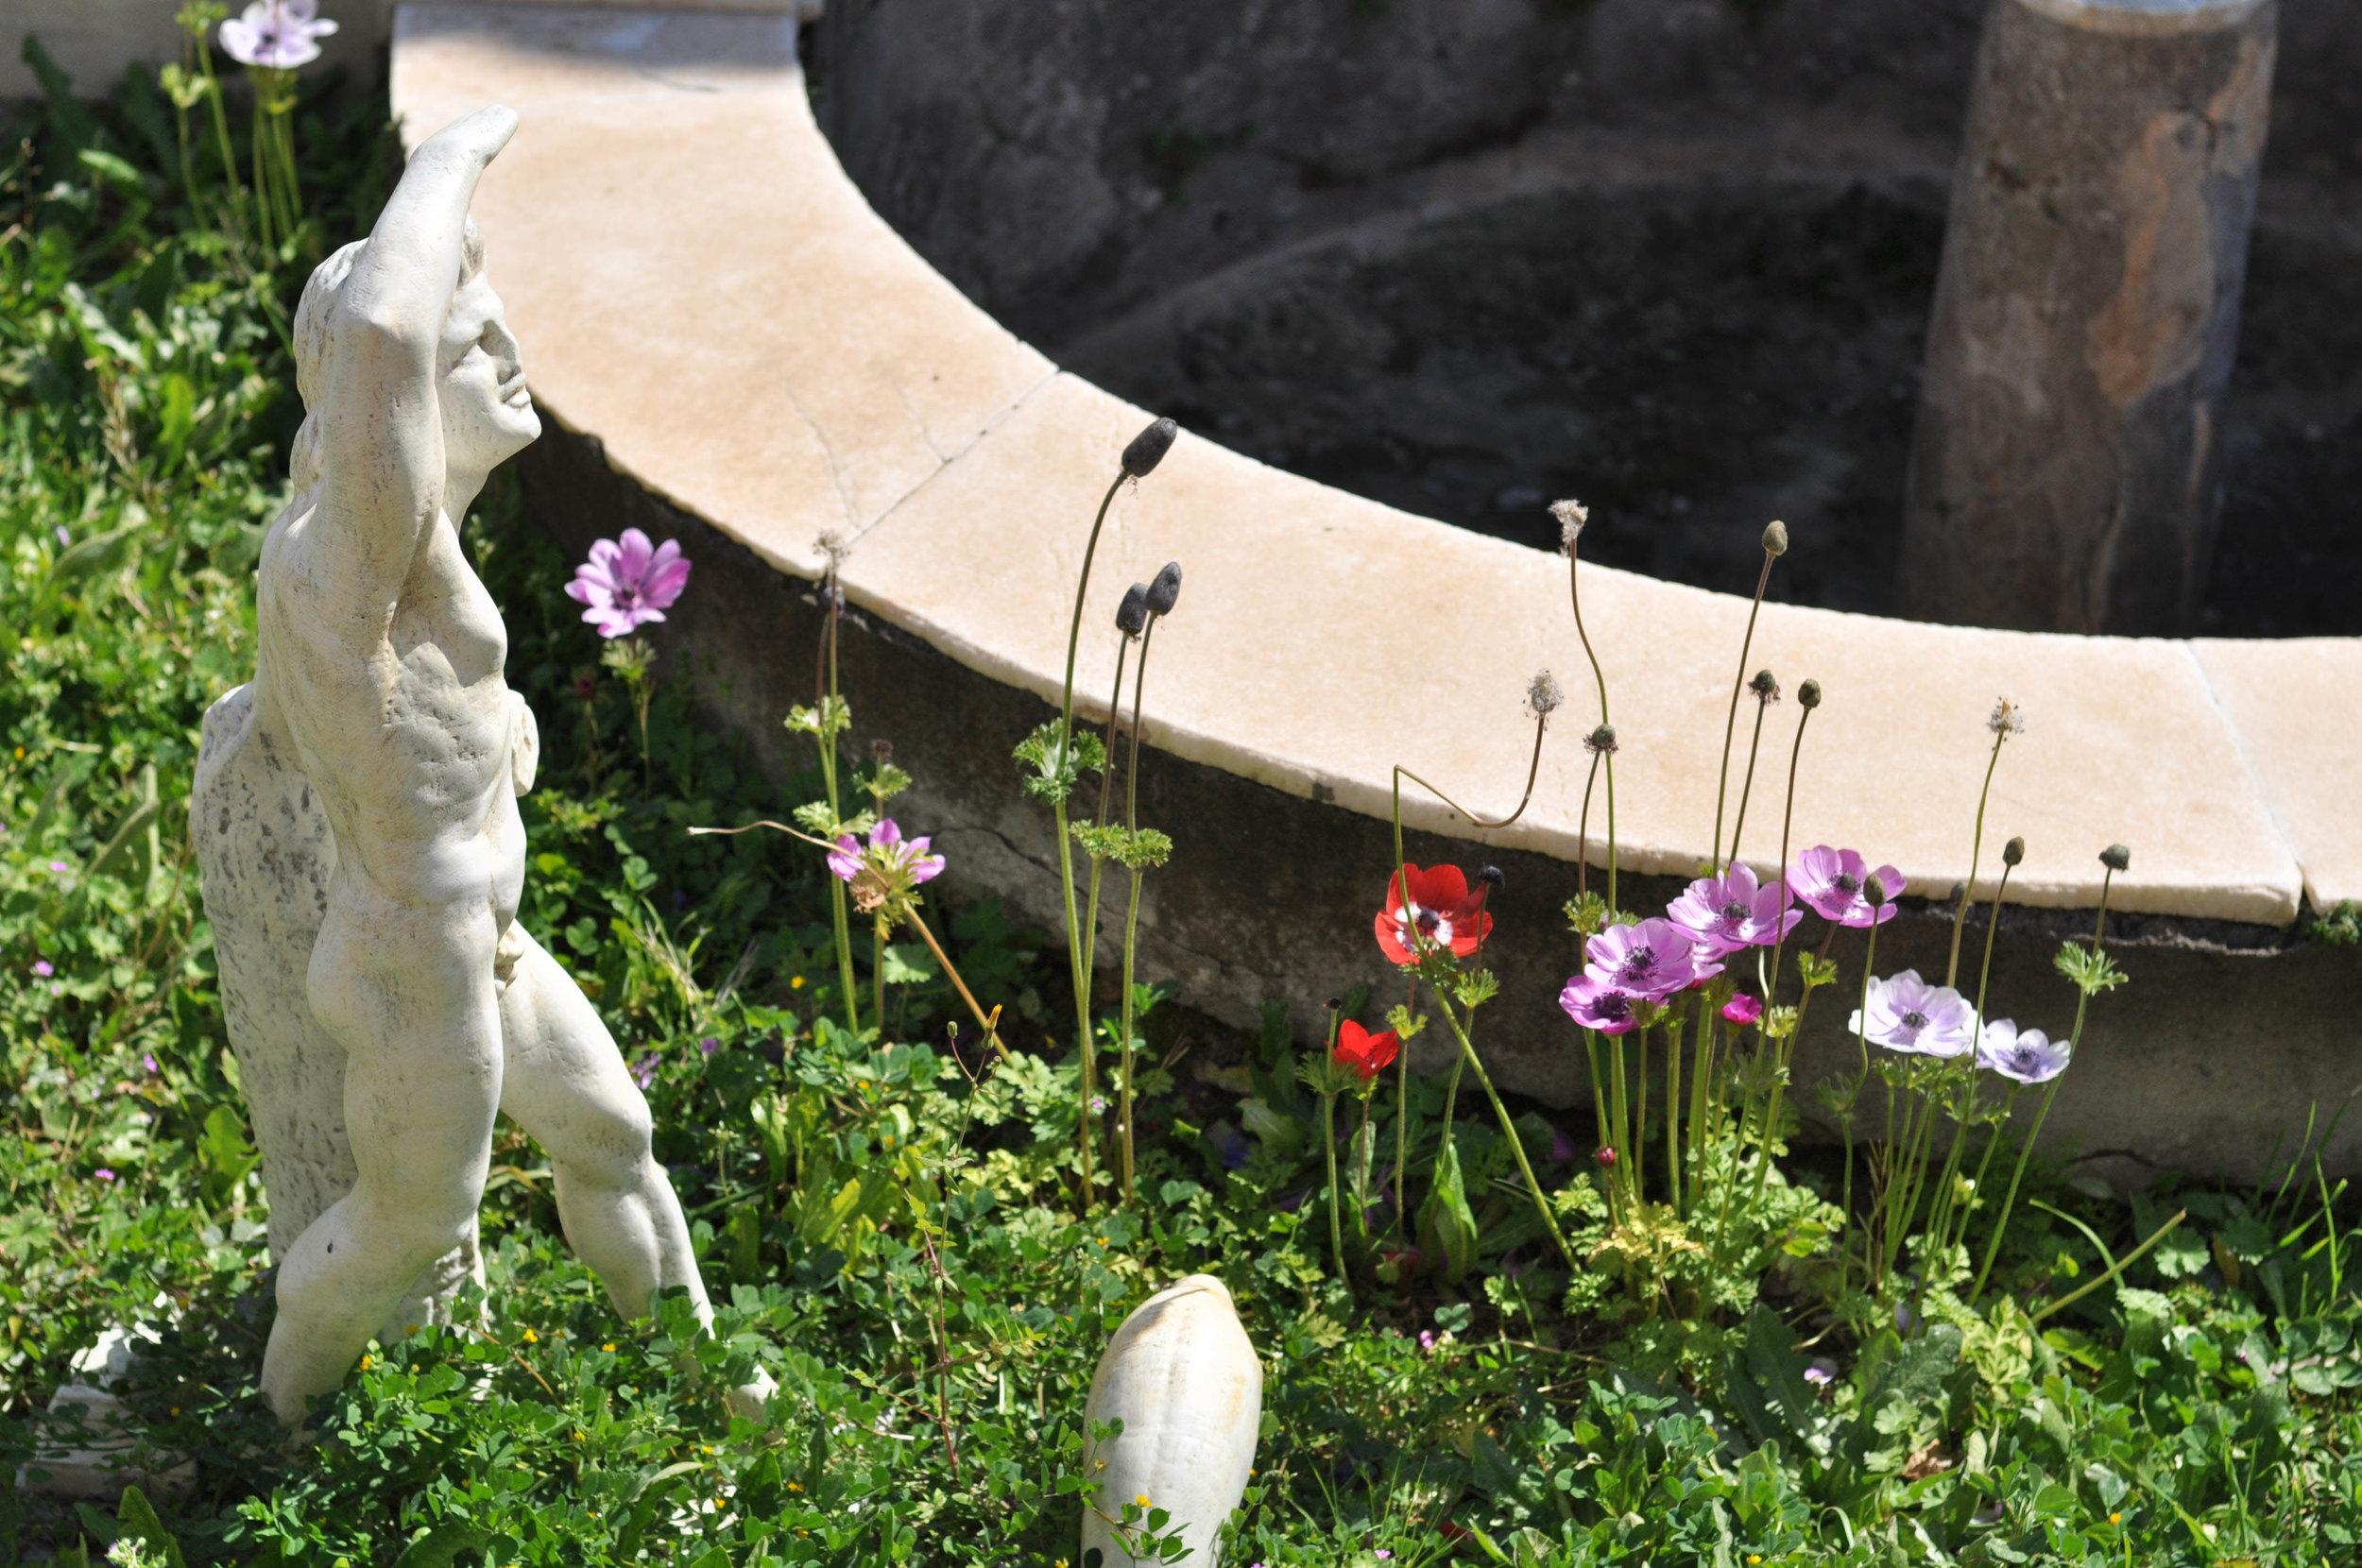 AmalfiCapriPompeii-104.jpg